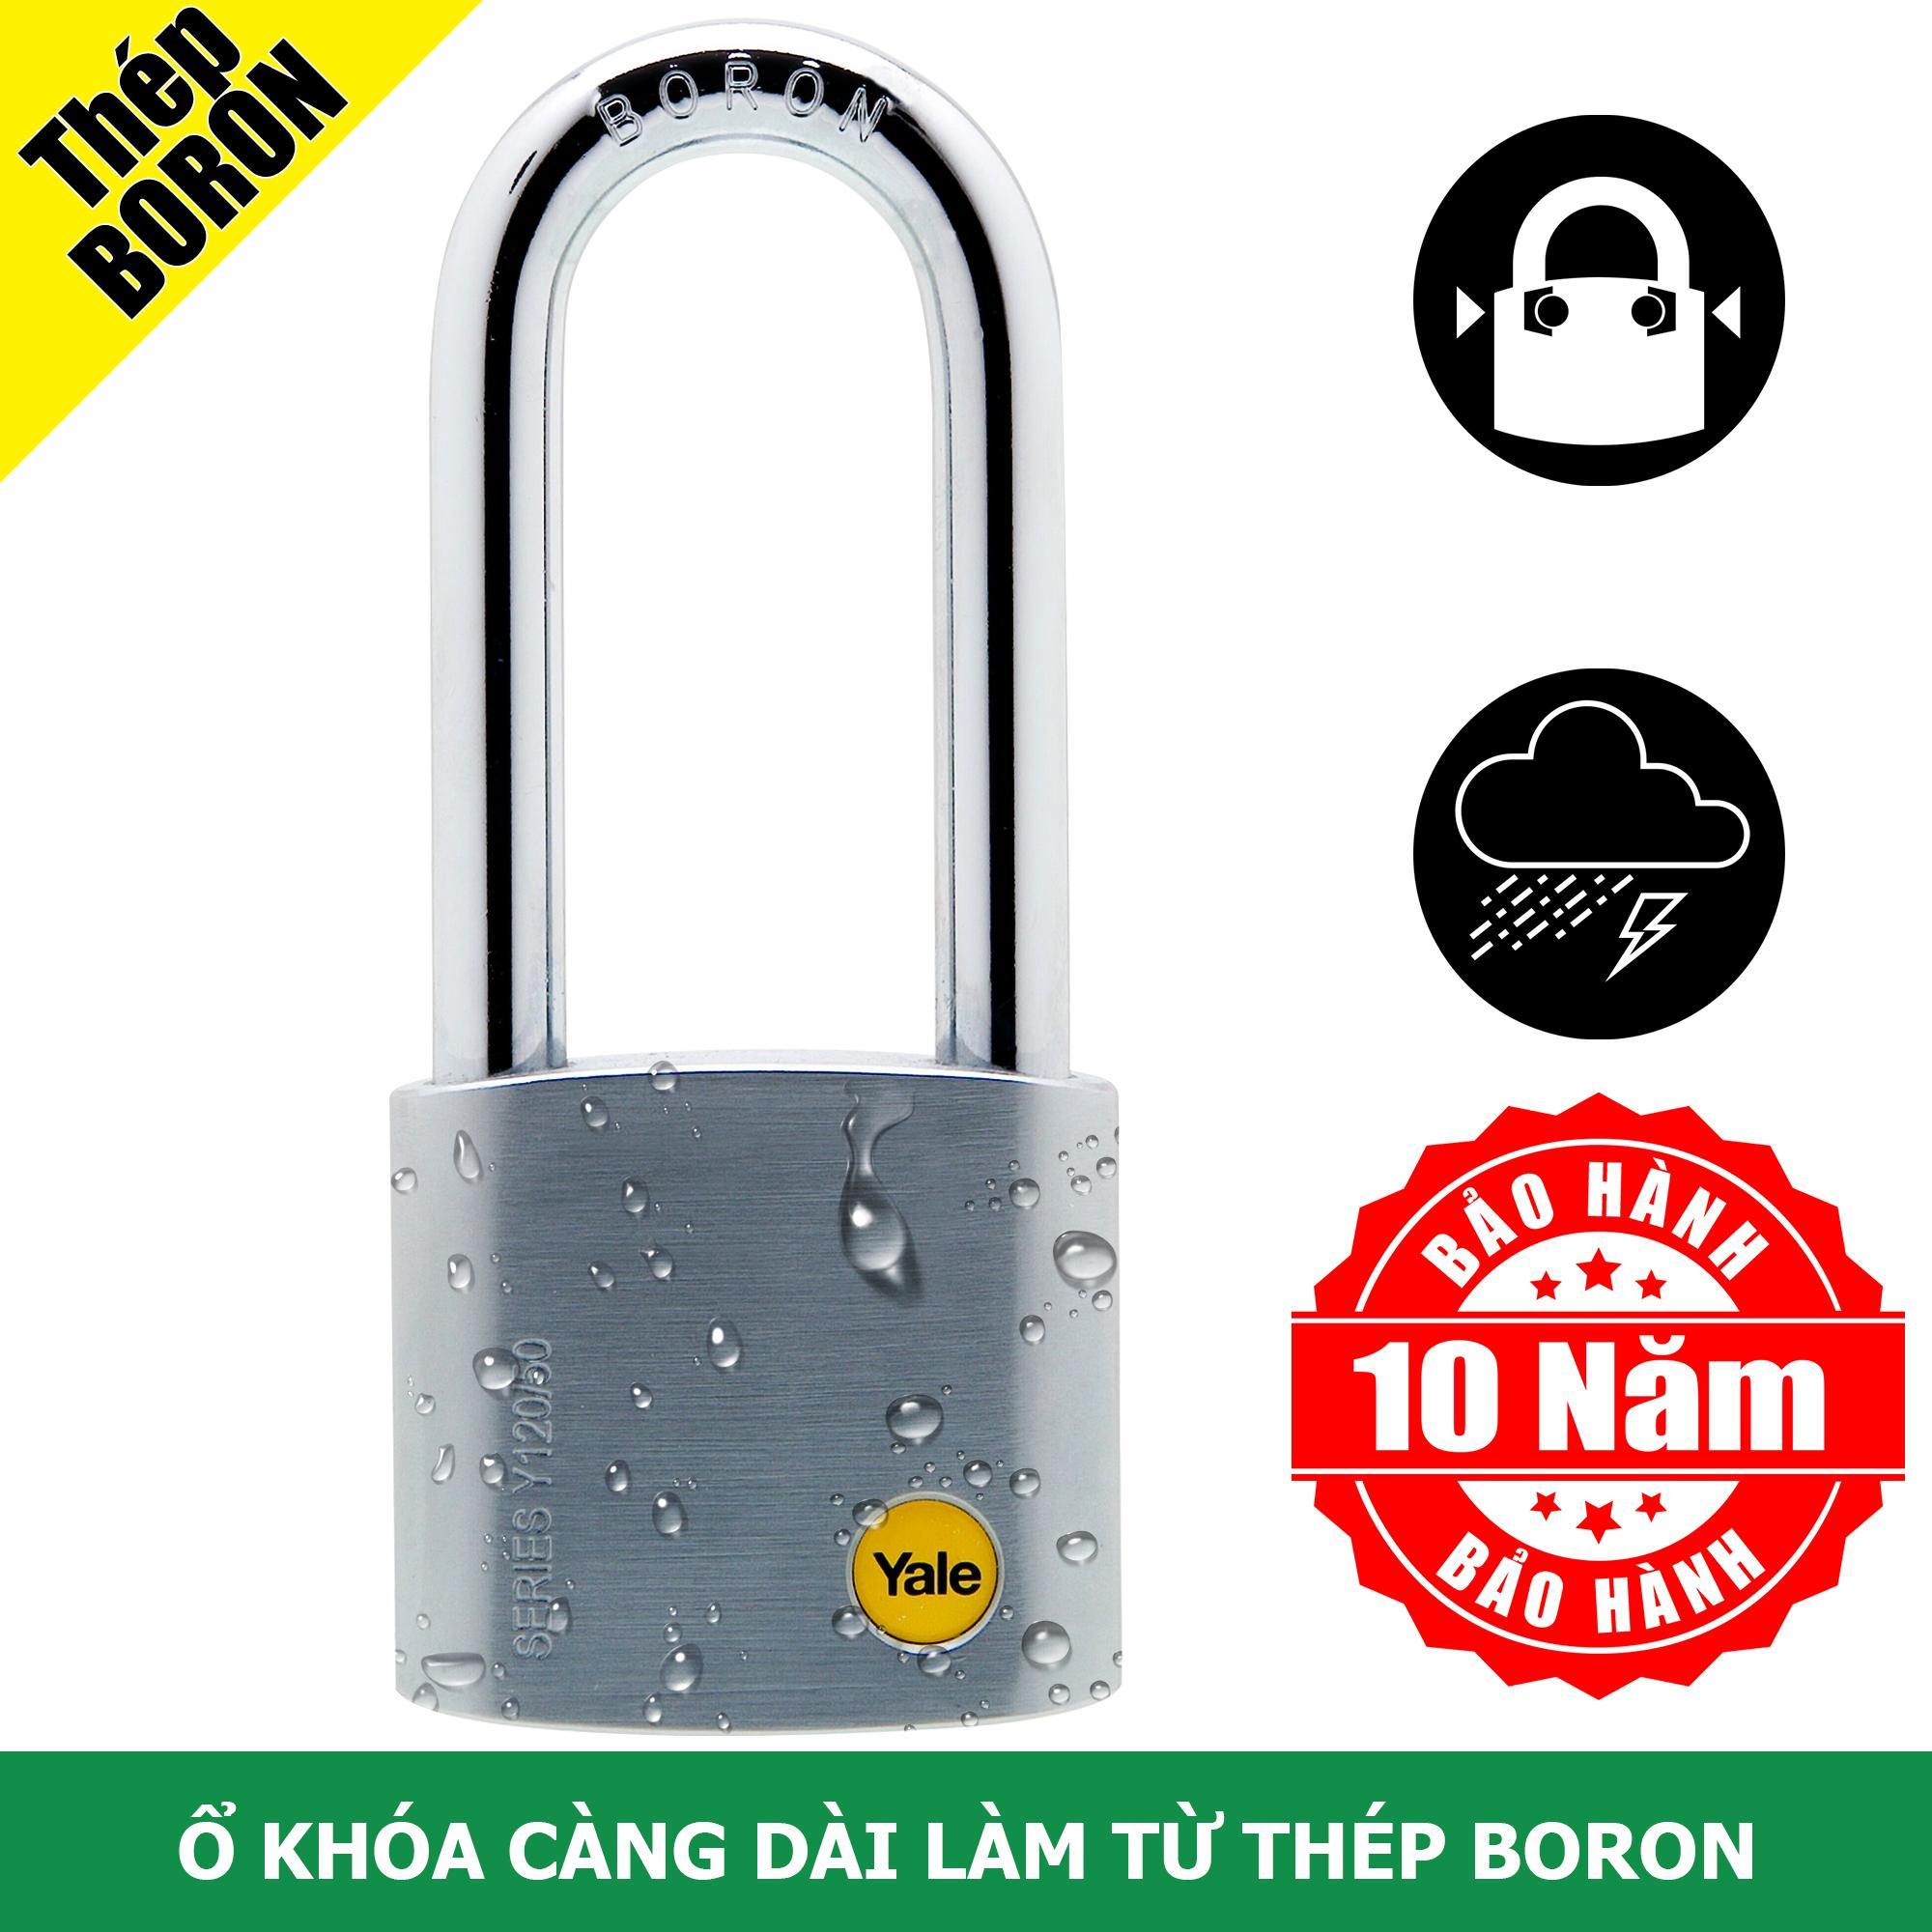 Ổ khóa cửa càng dài 7cm làm bằng thép Boron rất cứng màu Satin phủ Chrome sẻo Yale Y120/50/163/1